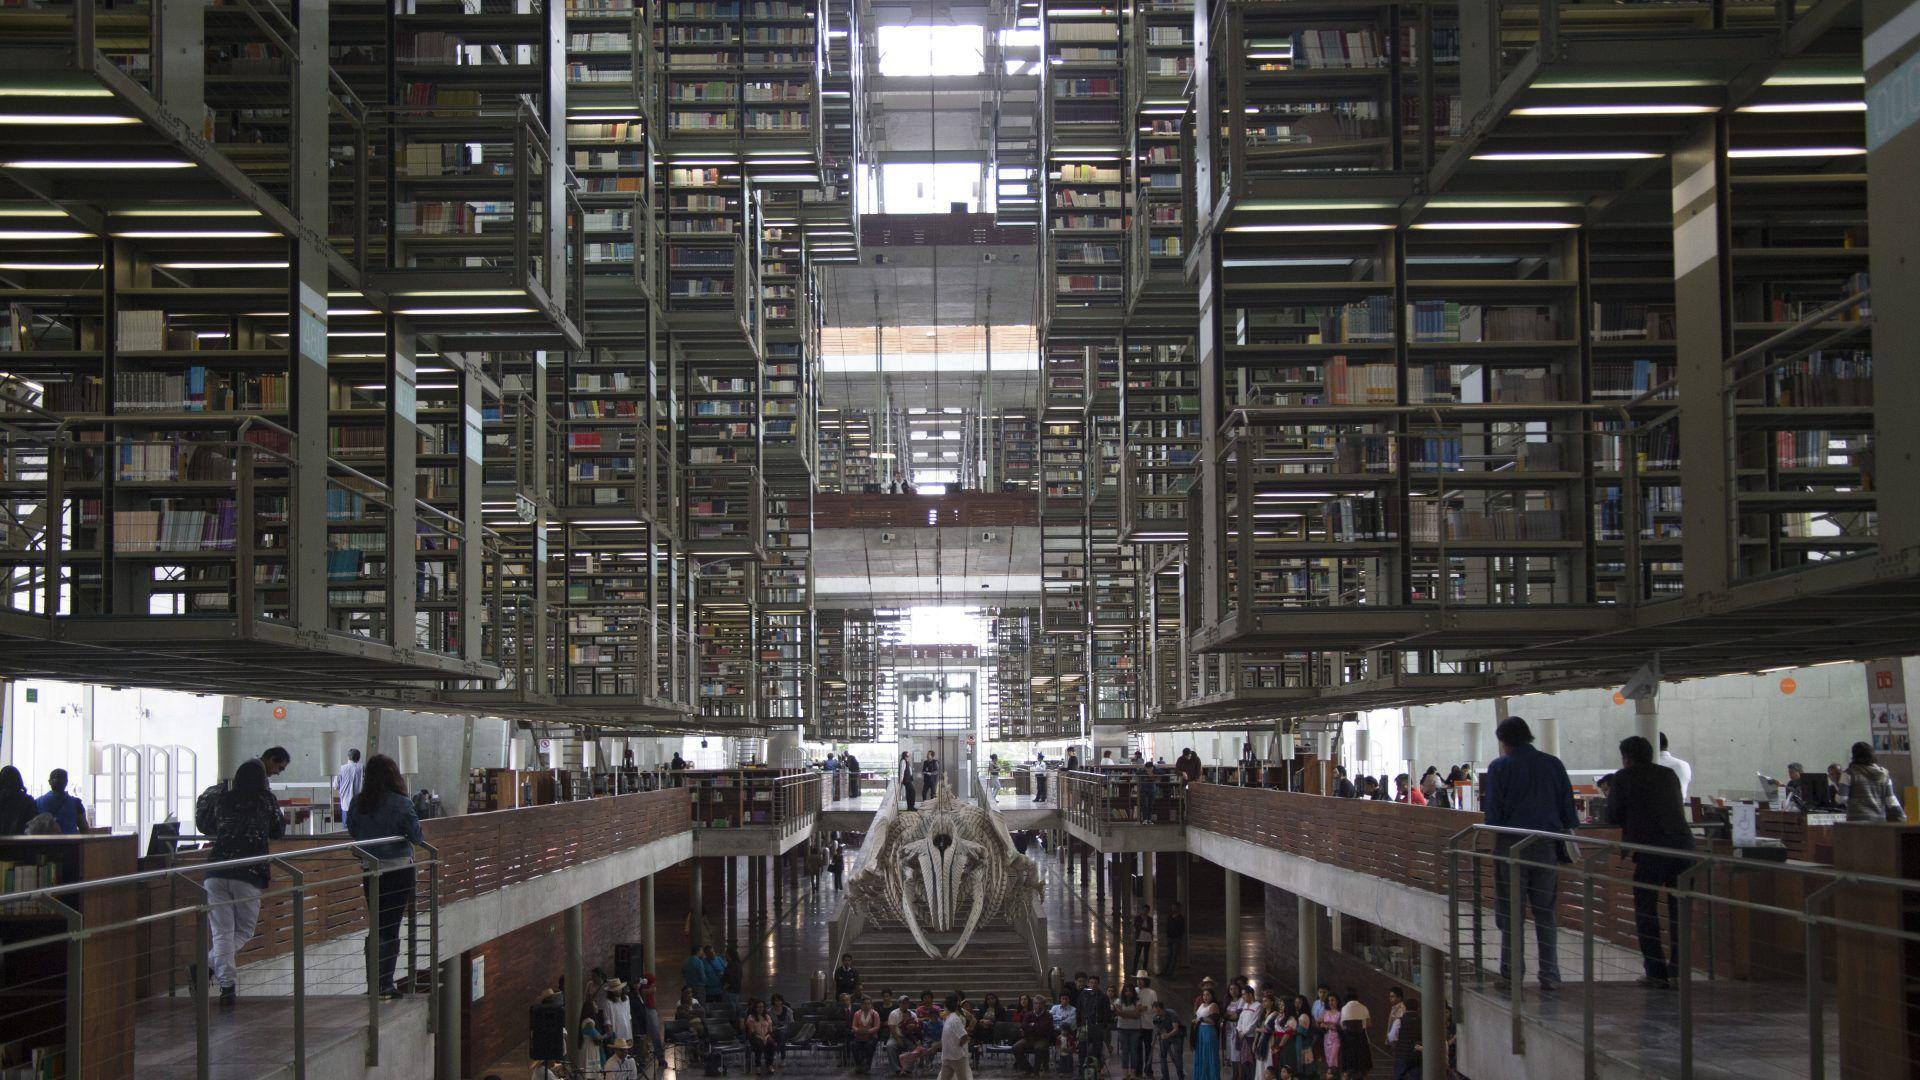 La biblioteca más grande del país lleva su nombre, José Vasconcelos, y se ubica en la Ciudad de México (Foto: Cuartoscuro)